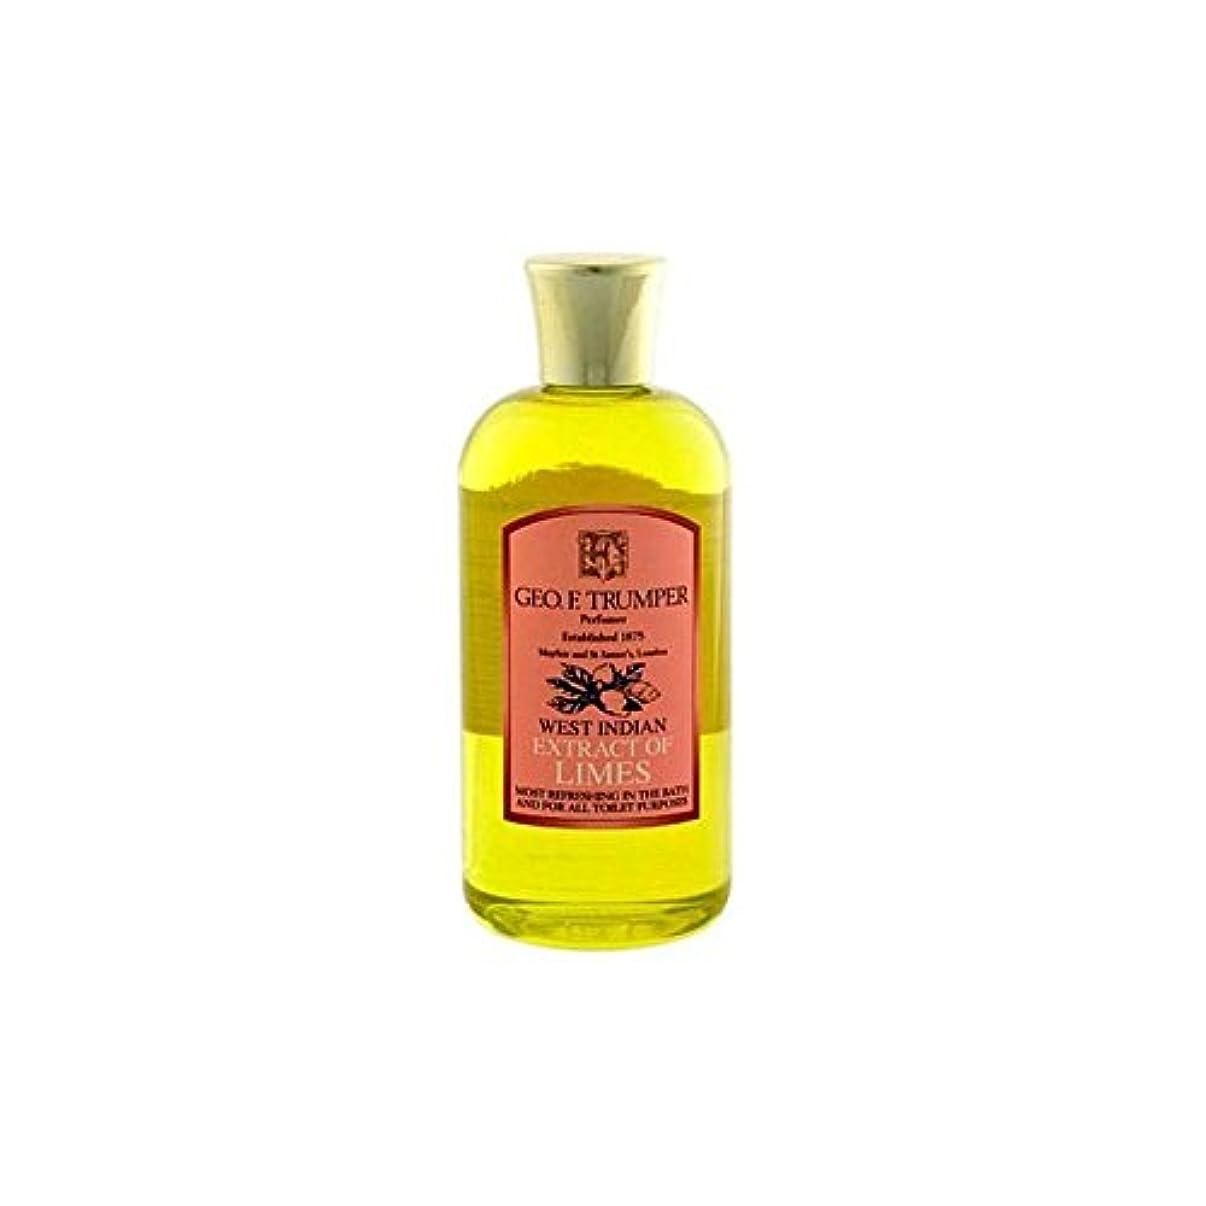 セレナぶどう劇場ライムのバスタブとシャワージェル200の抽出物を x4 - Trumpers Extracts of Limes Bath and Shower Gel 200ml (Pack of 4) [並行輸入品]